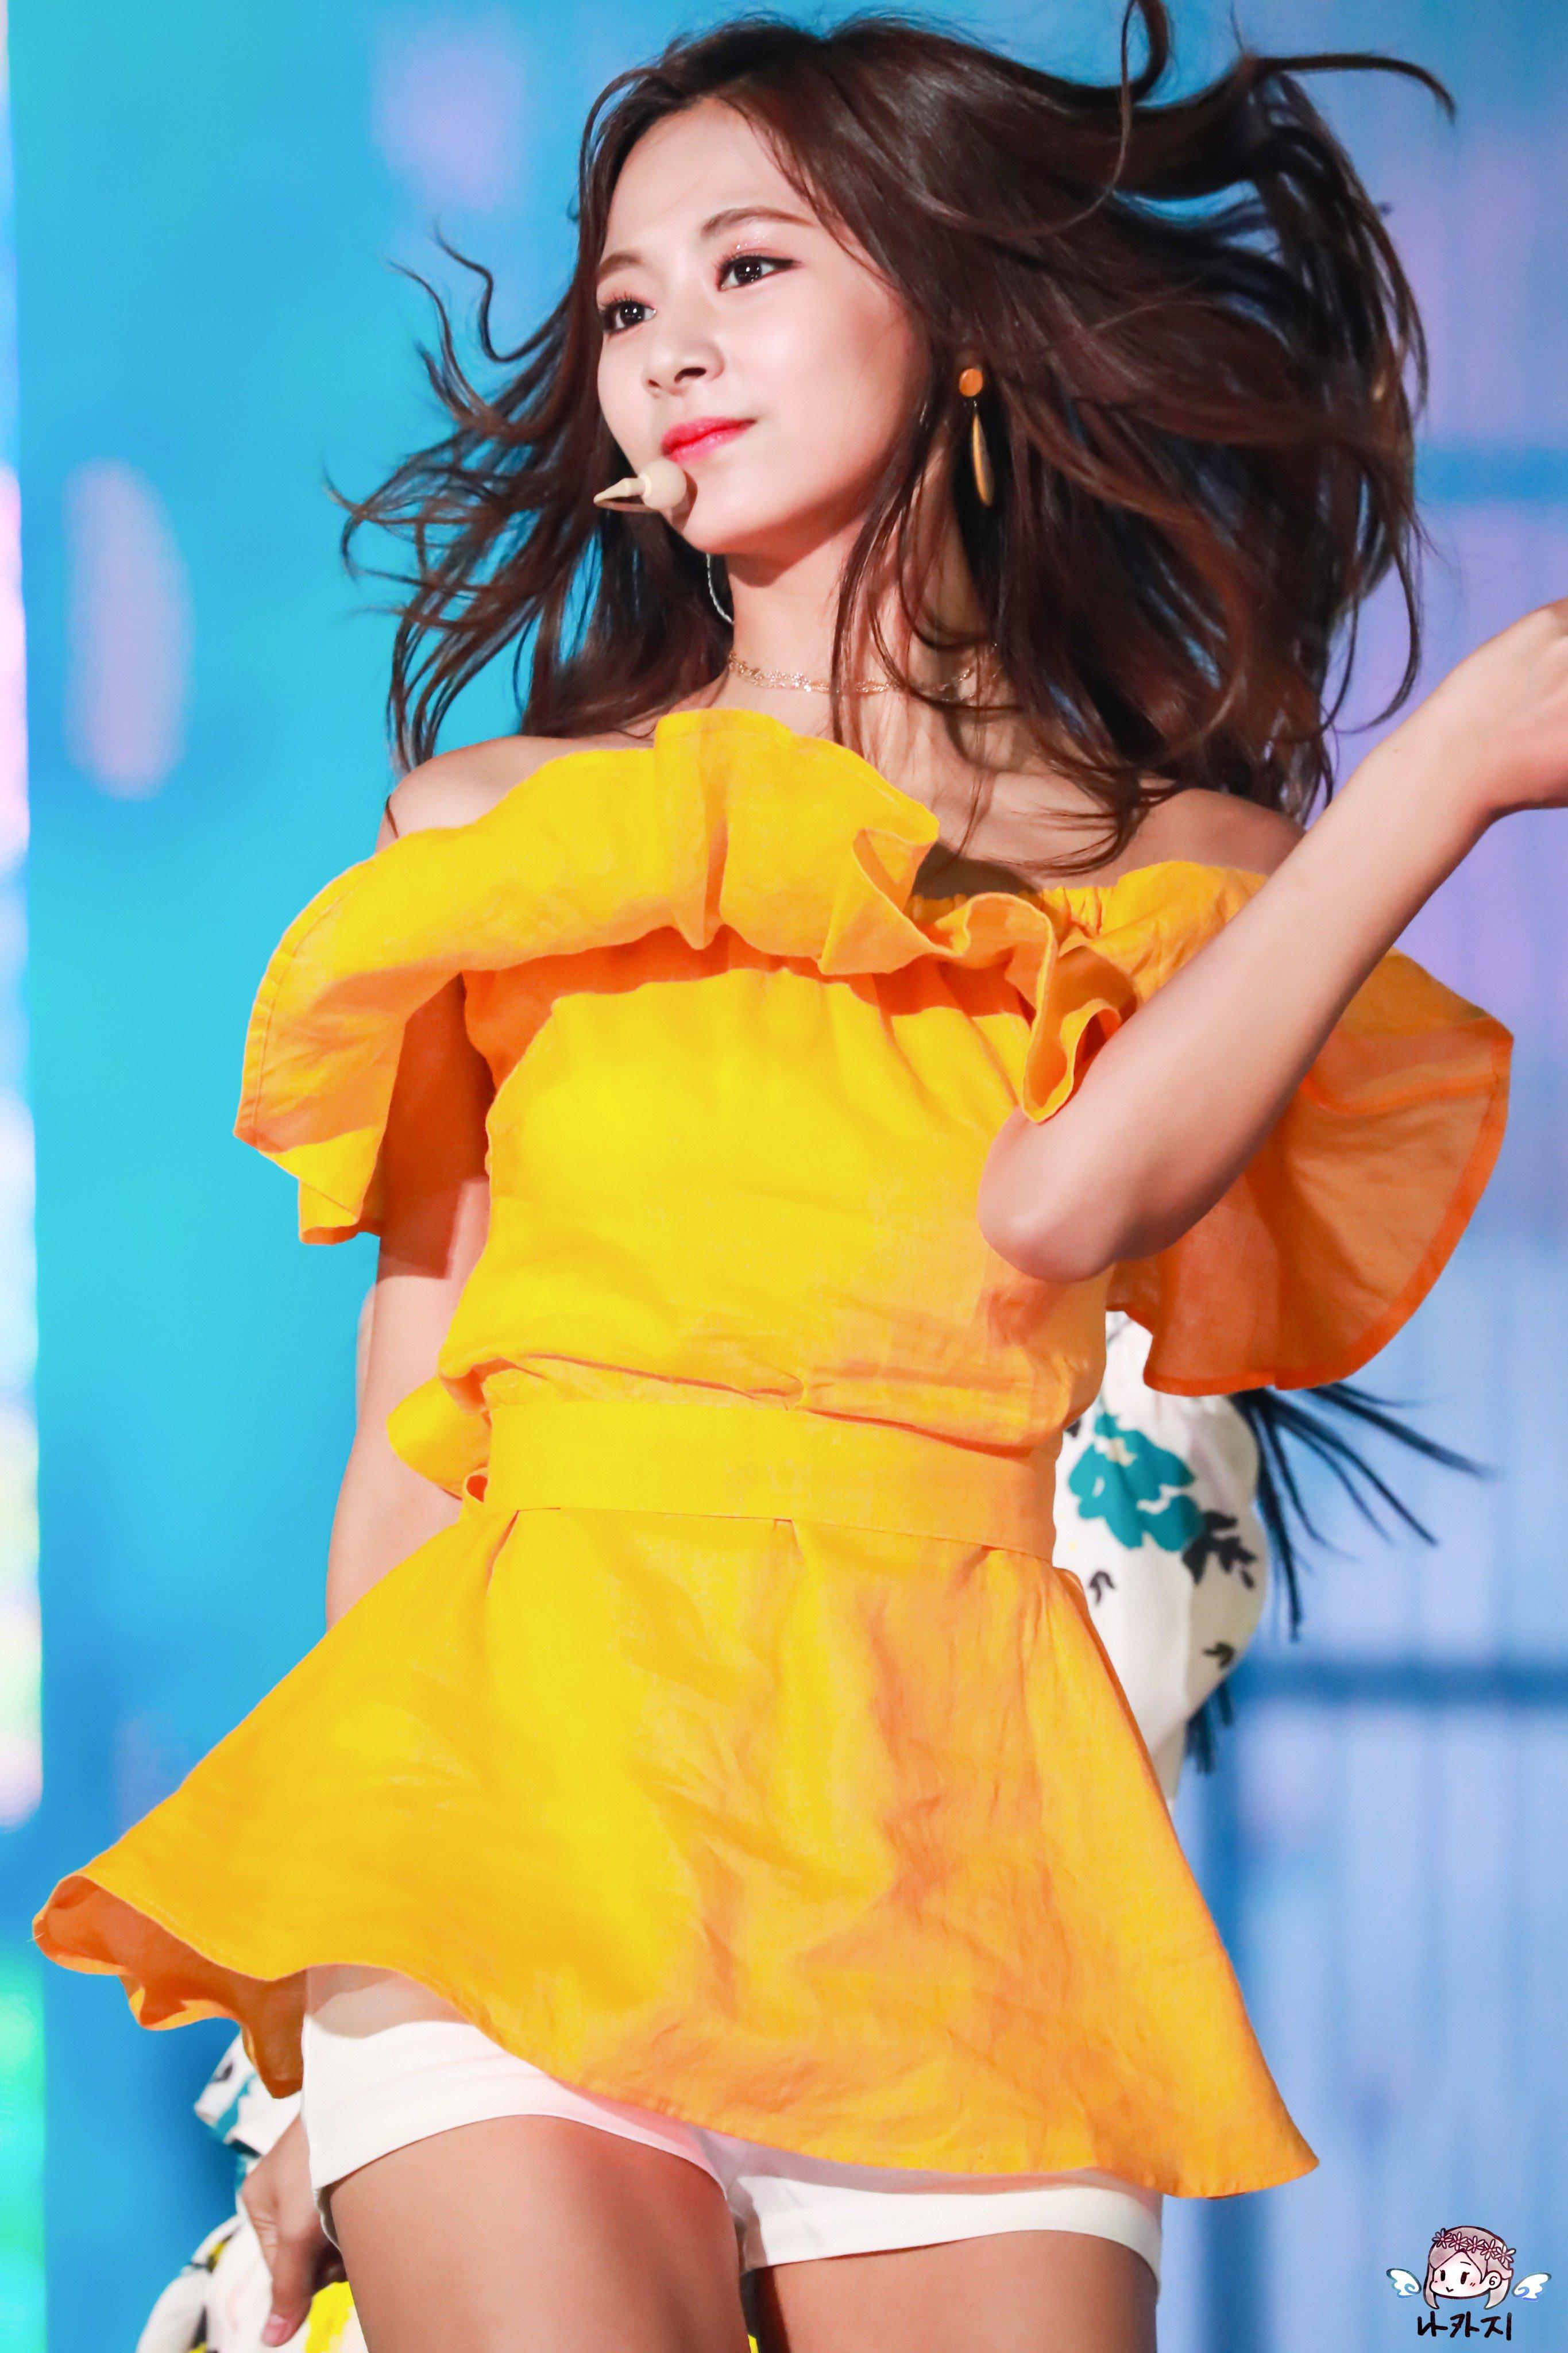 Diện đồ vàng, sao hàn khoe da trắng bật tông: Irene hạng nhất, Lisa xếp nhì, Taeyeon...đội sổ